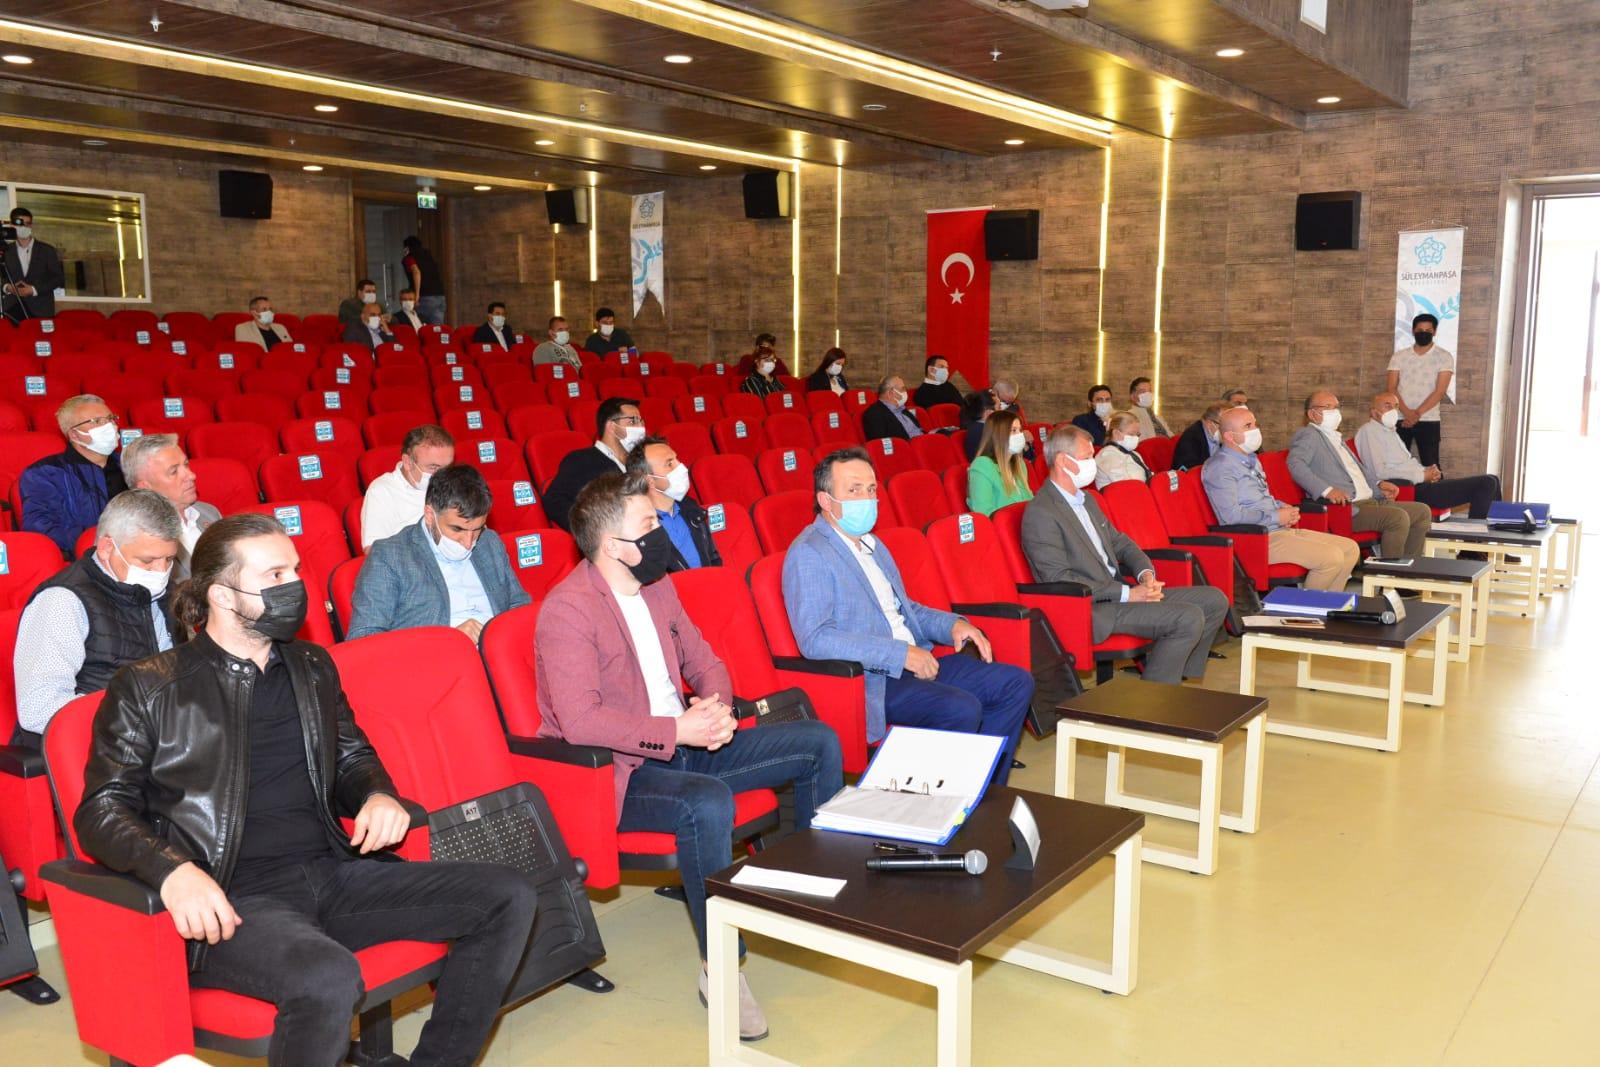 Süleymanpaşa Belediyesinden kapalı esnafa cansuyu